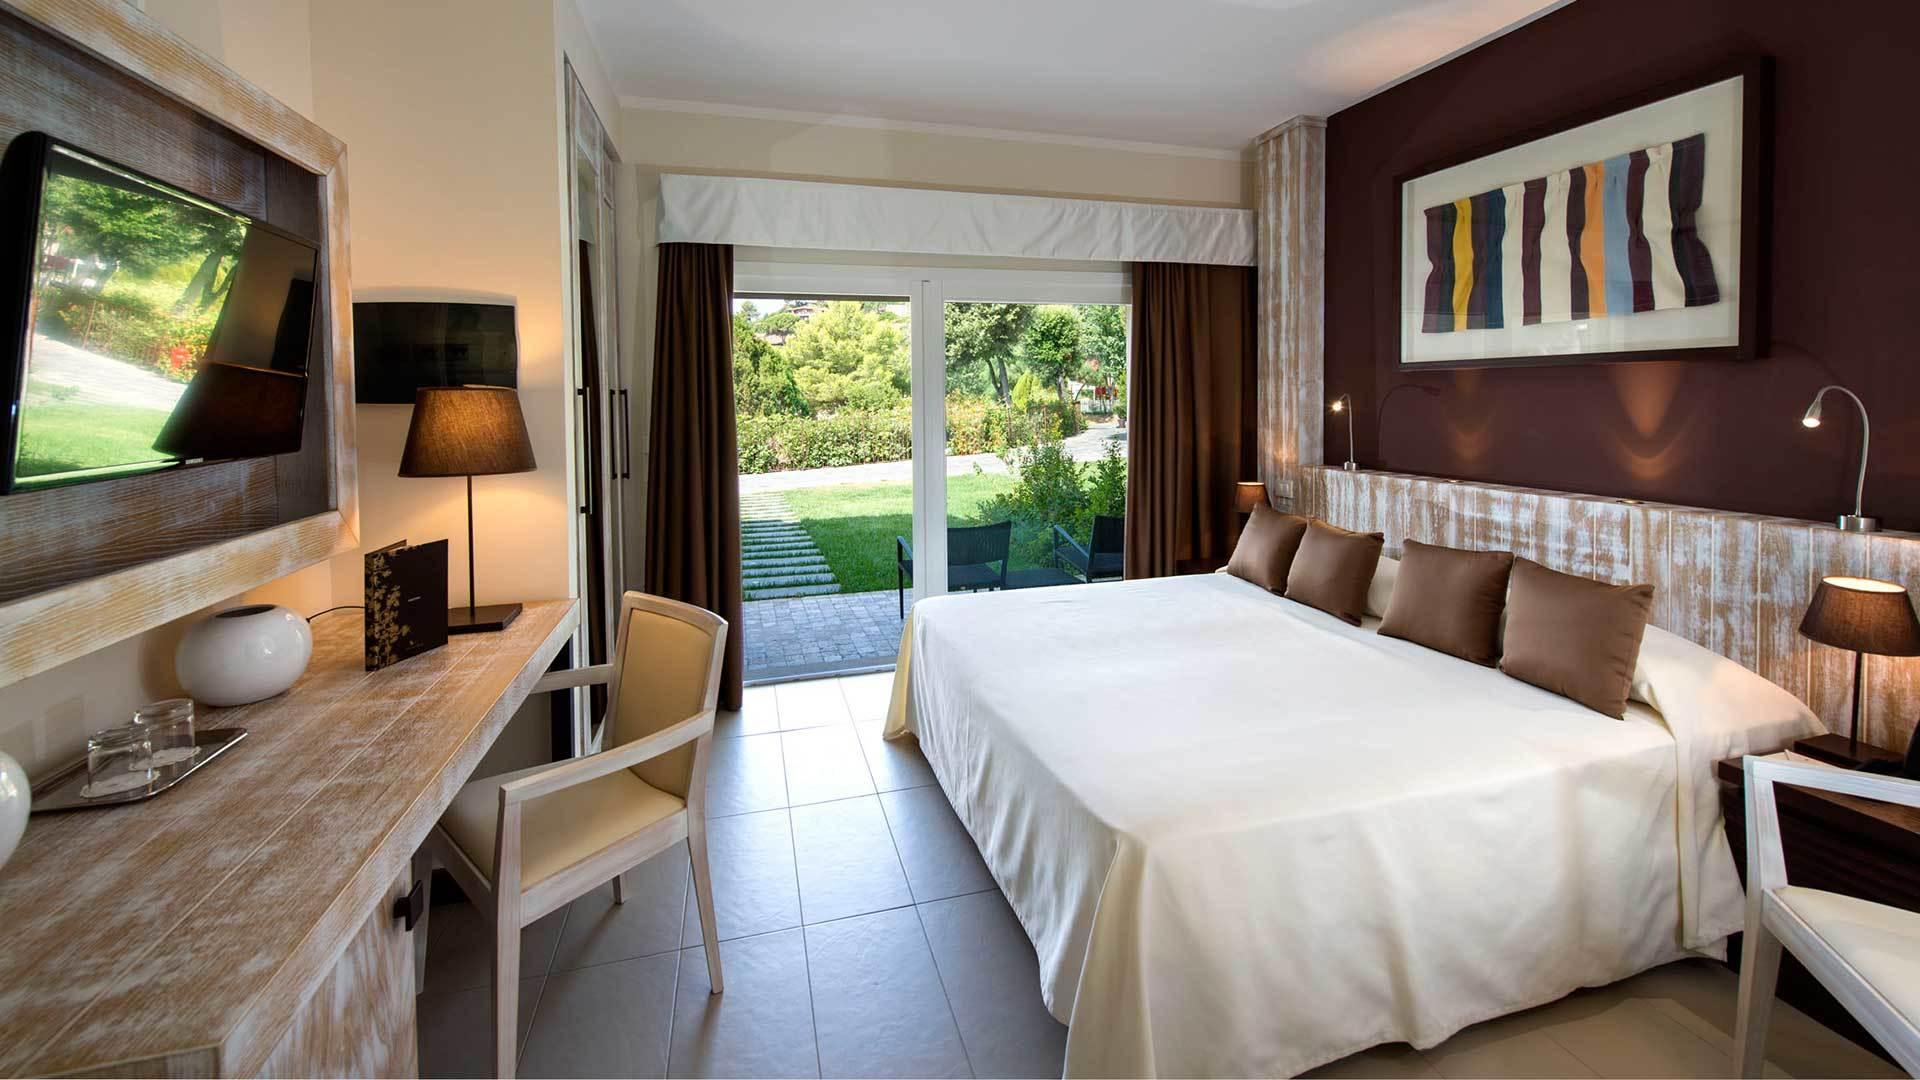 SPAZIO OASI HOTEL | Chia